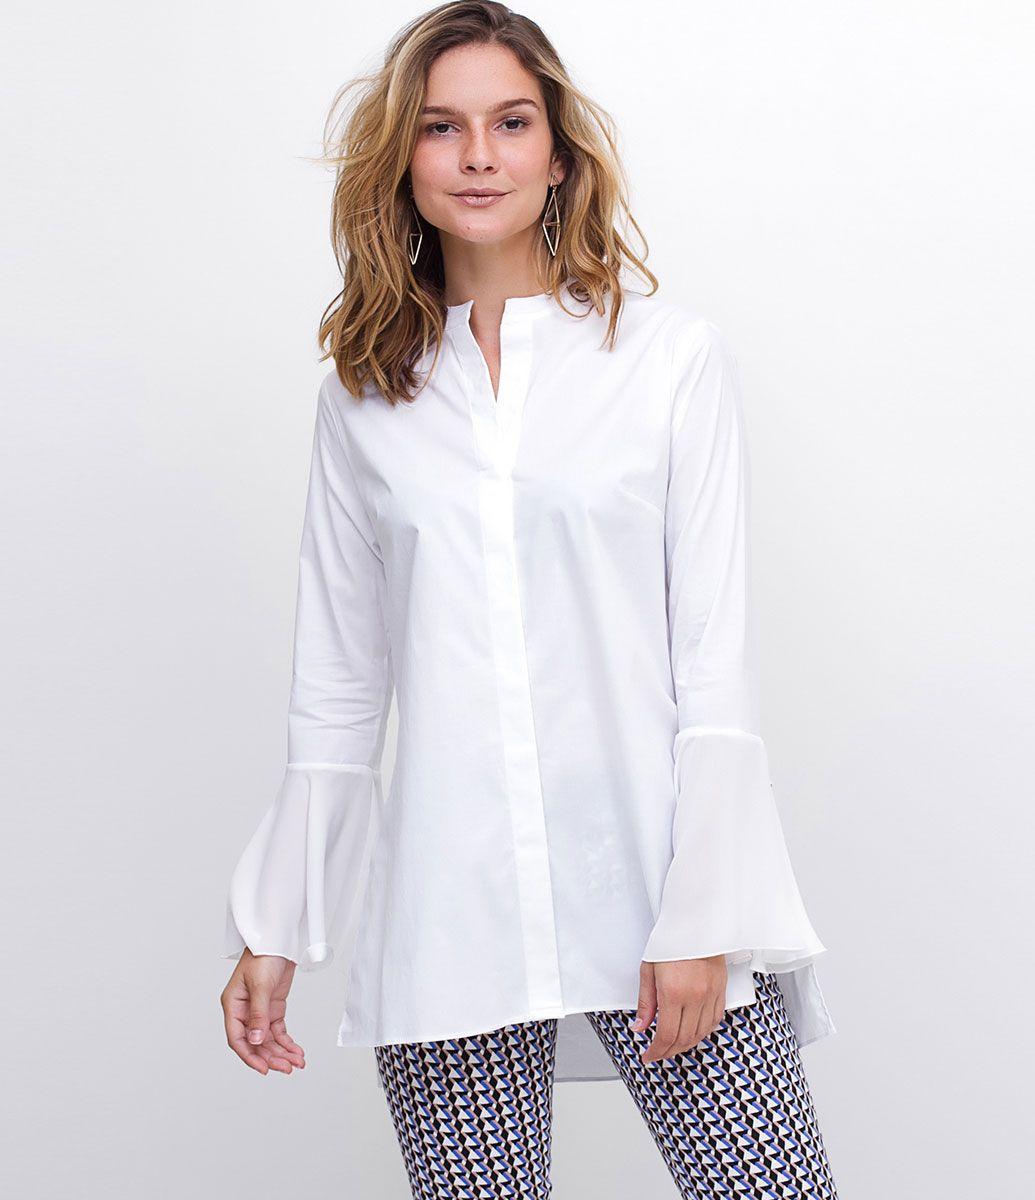 def7e5473 Camisa feminina Manga longa sino Com gola padre Alongada Marca   A-Collection Tecido  Tricoline Modelo veste tamanho  36 Medidas da Modelo   Altura  1.76 ...